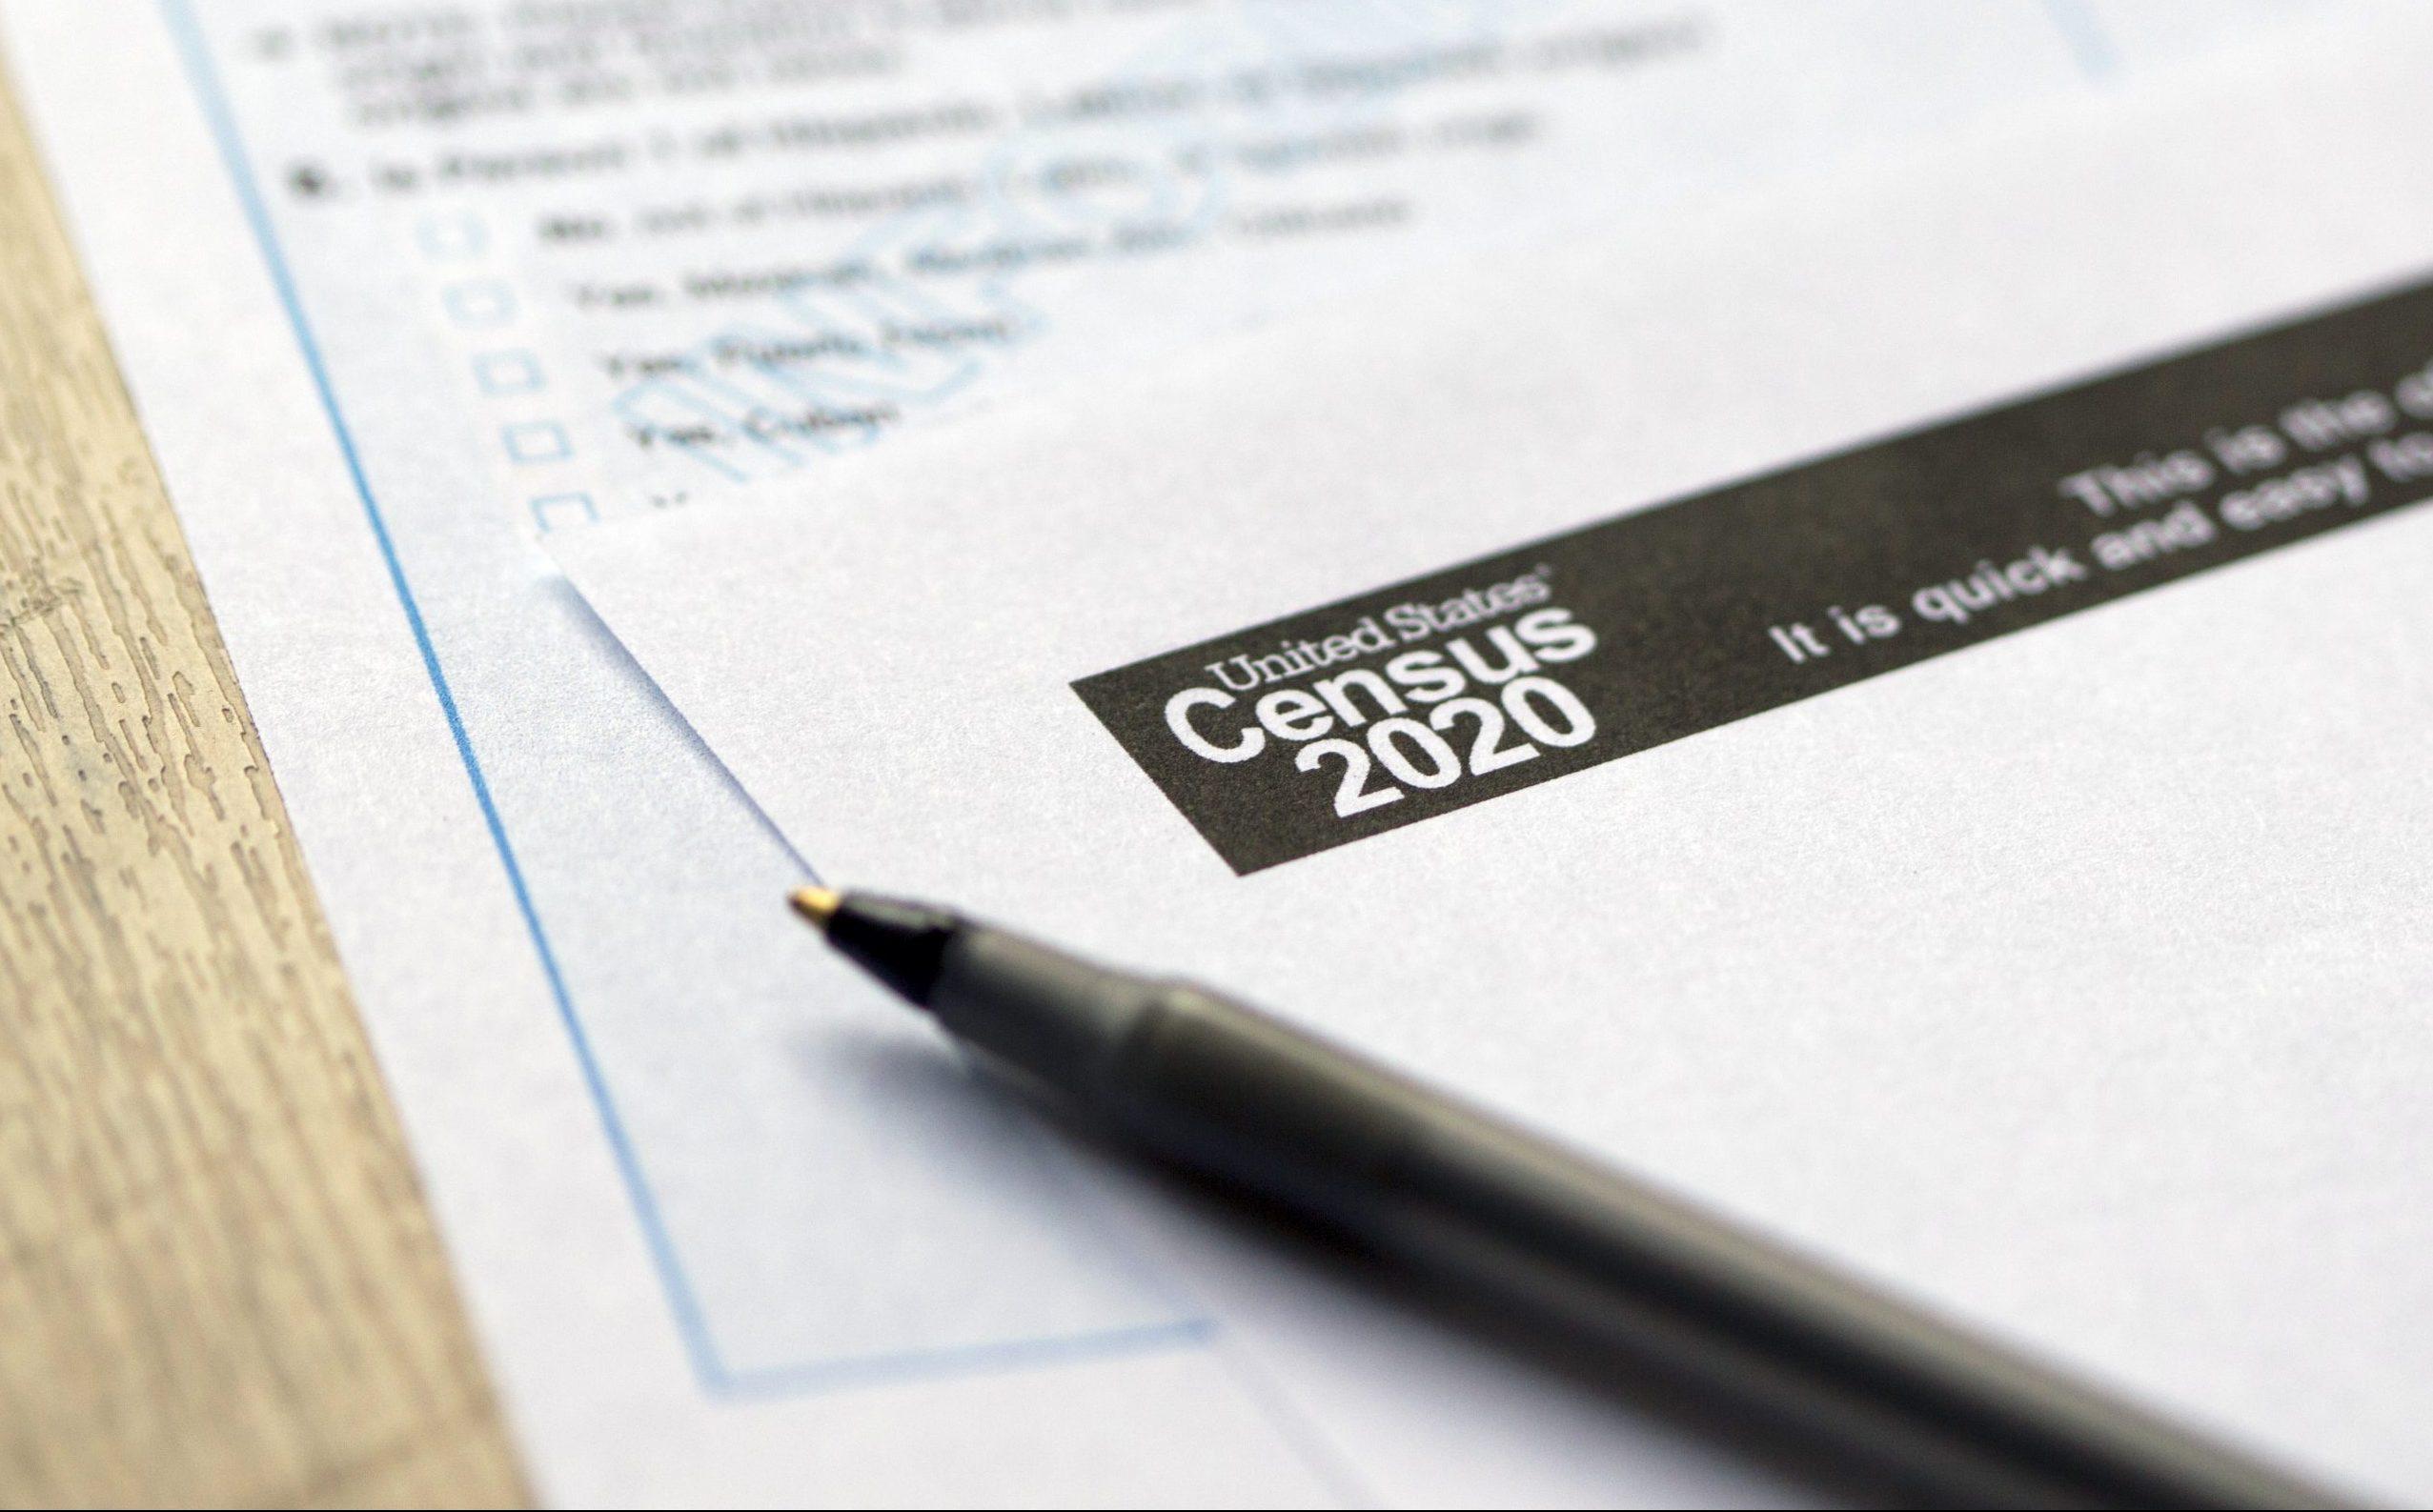 u.s. census - photo #14